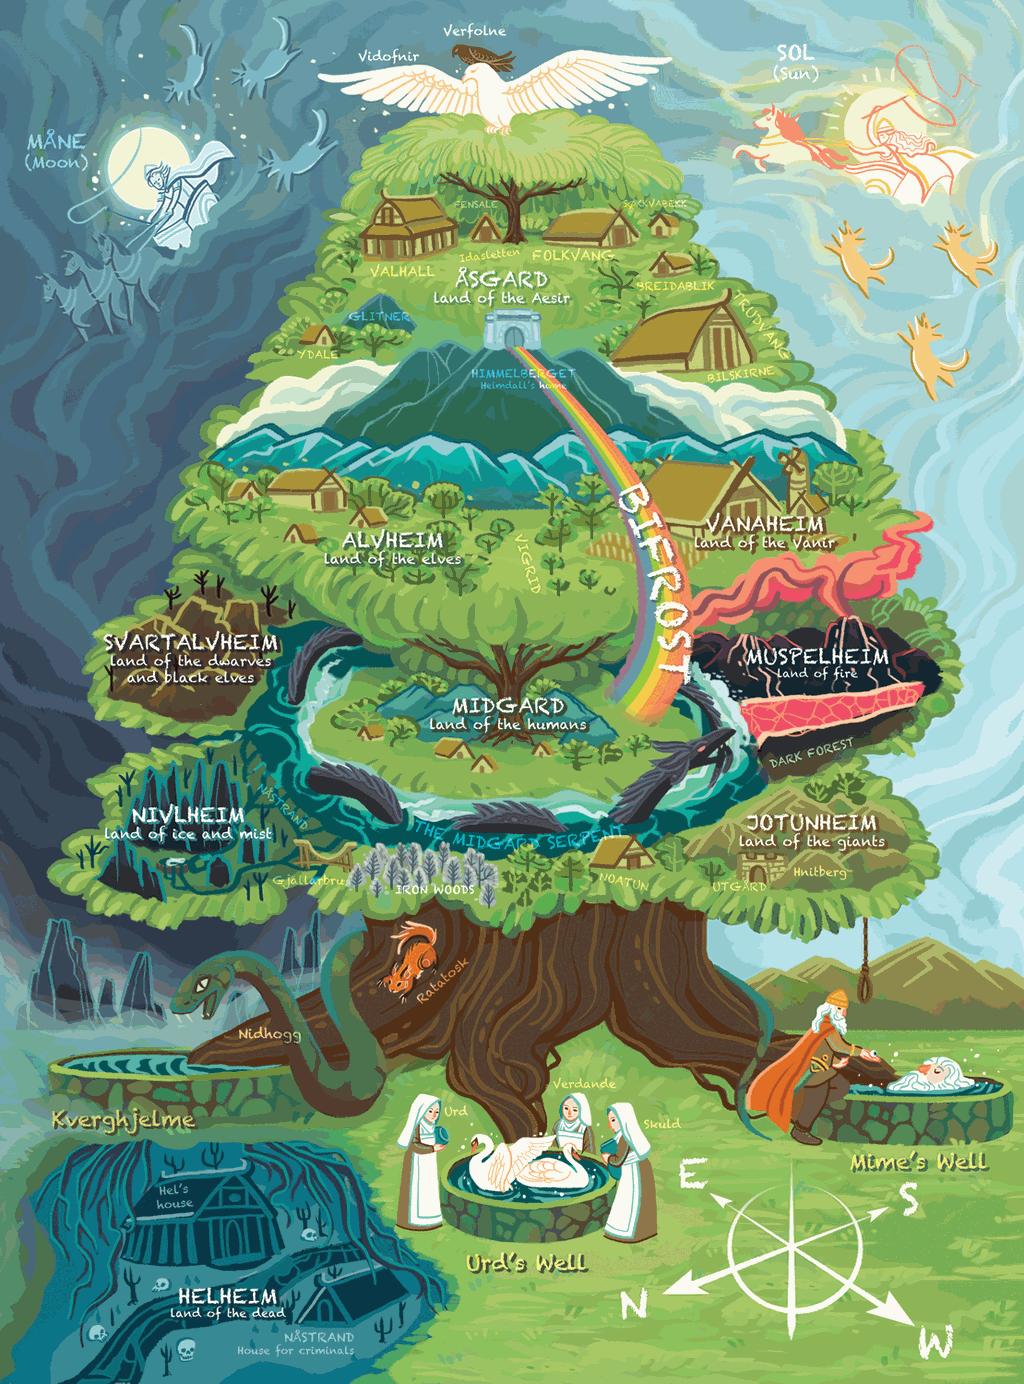 9-worlds-of-norese-mythology-1